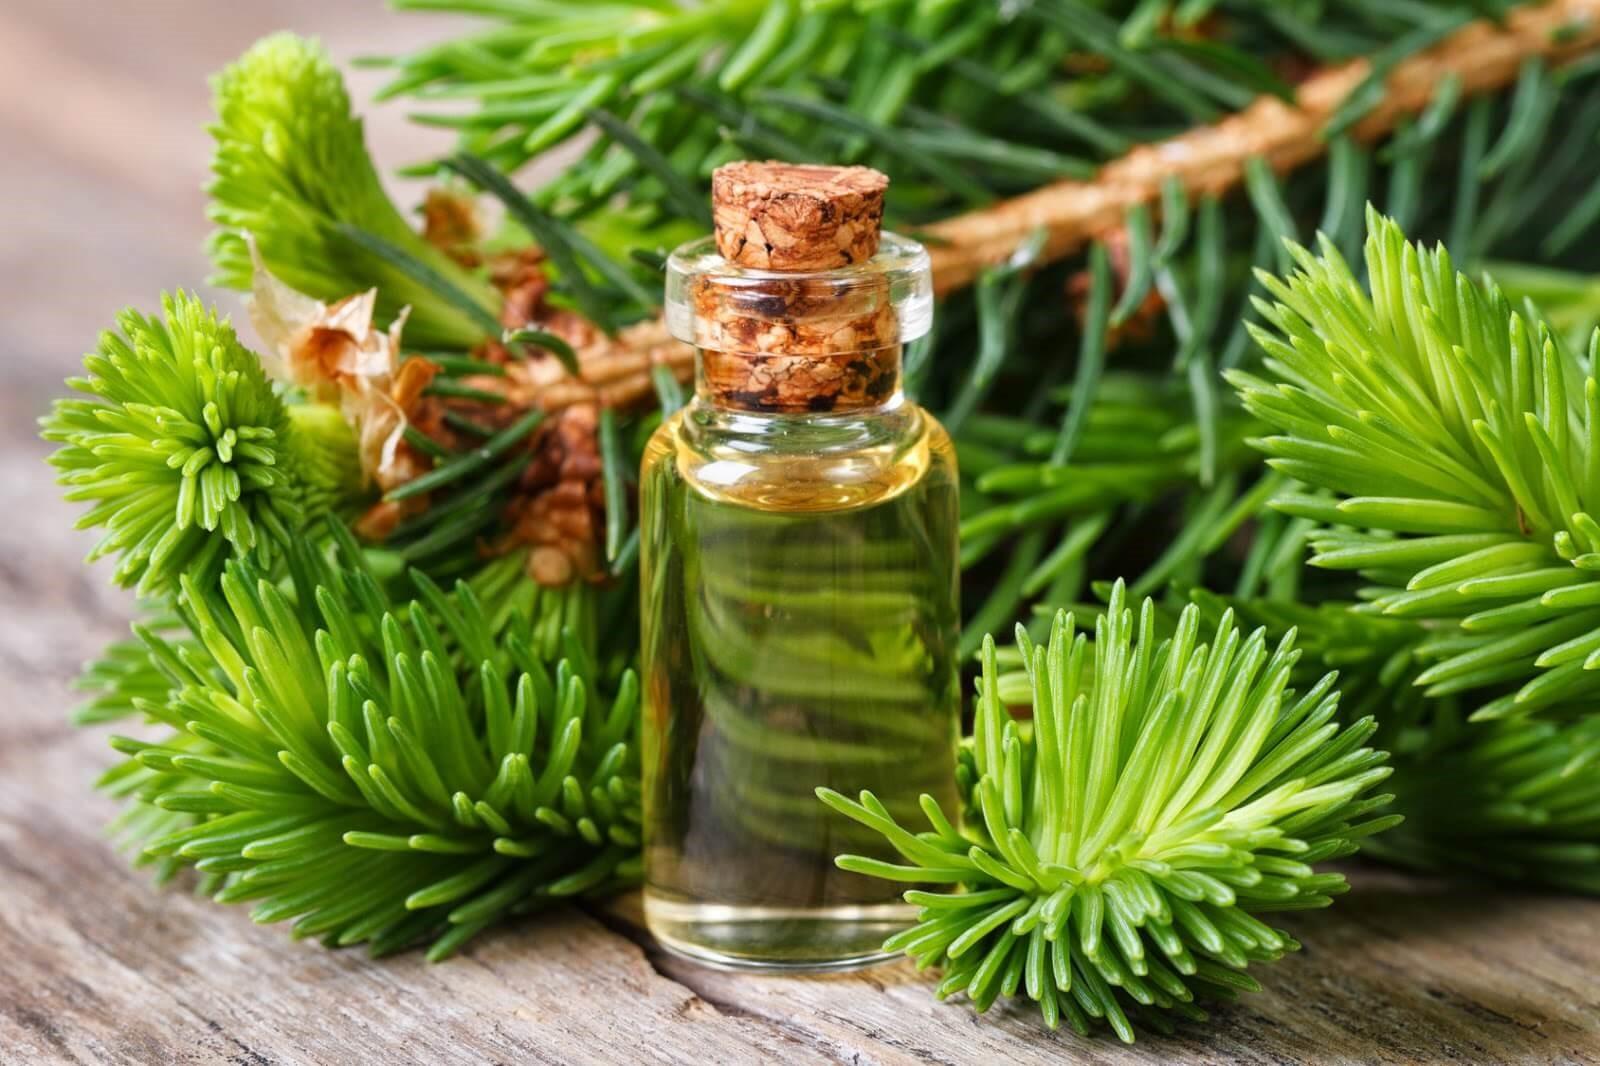 Пихтовое масло прекрасно укрепляет иммунитет